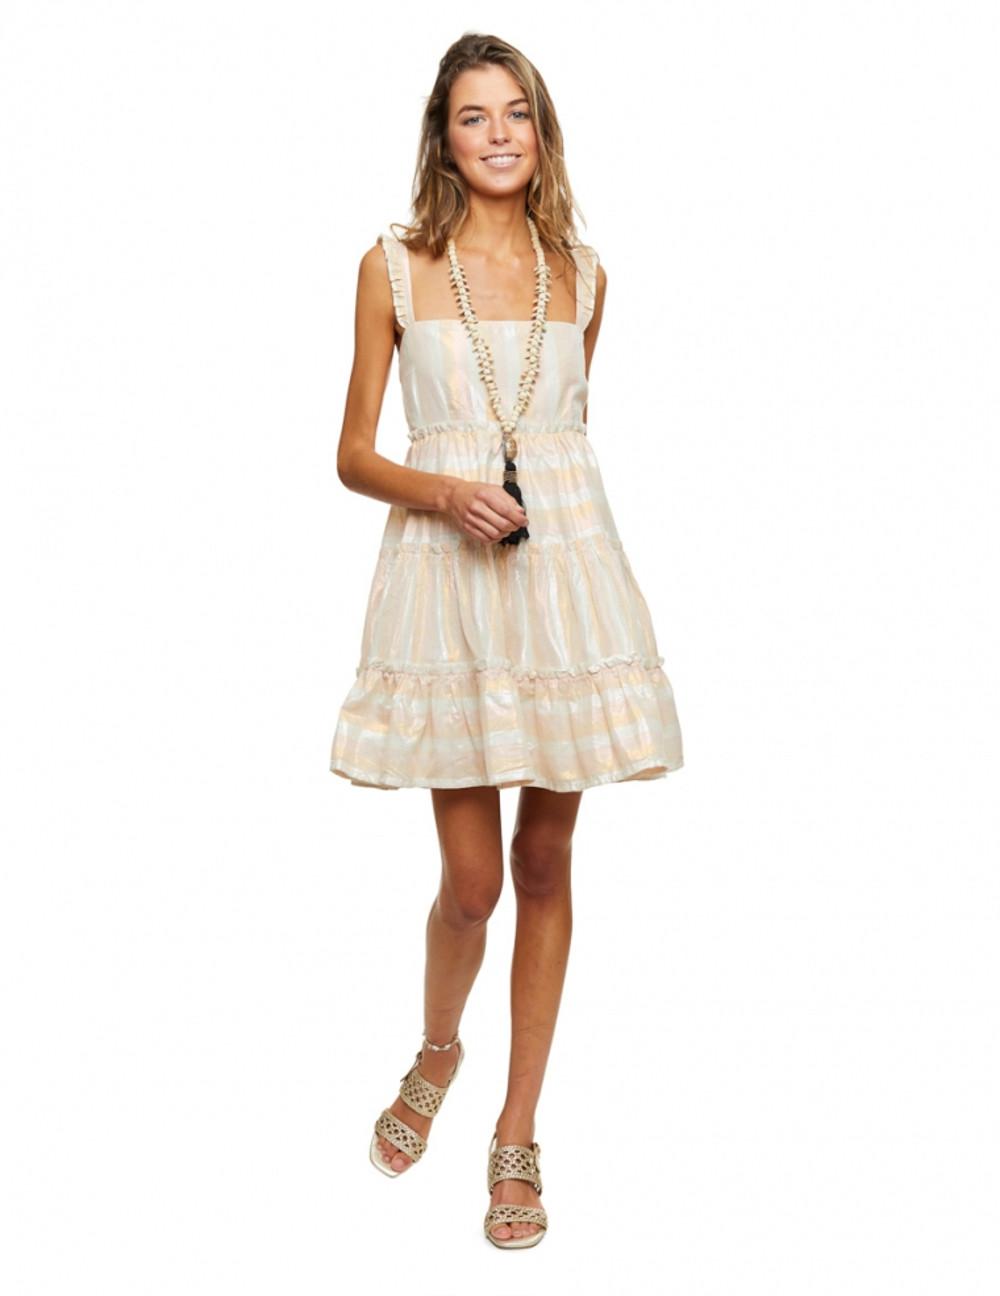 Vestido corto con volumen y con escote palabra de honor. Realizado en algodón lúrex. Alabama Shop